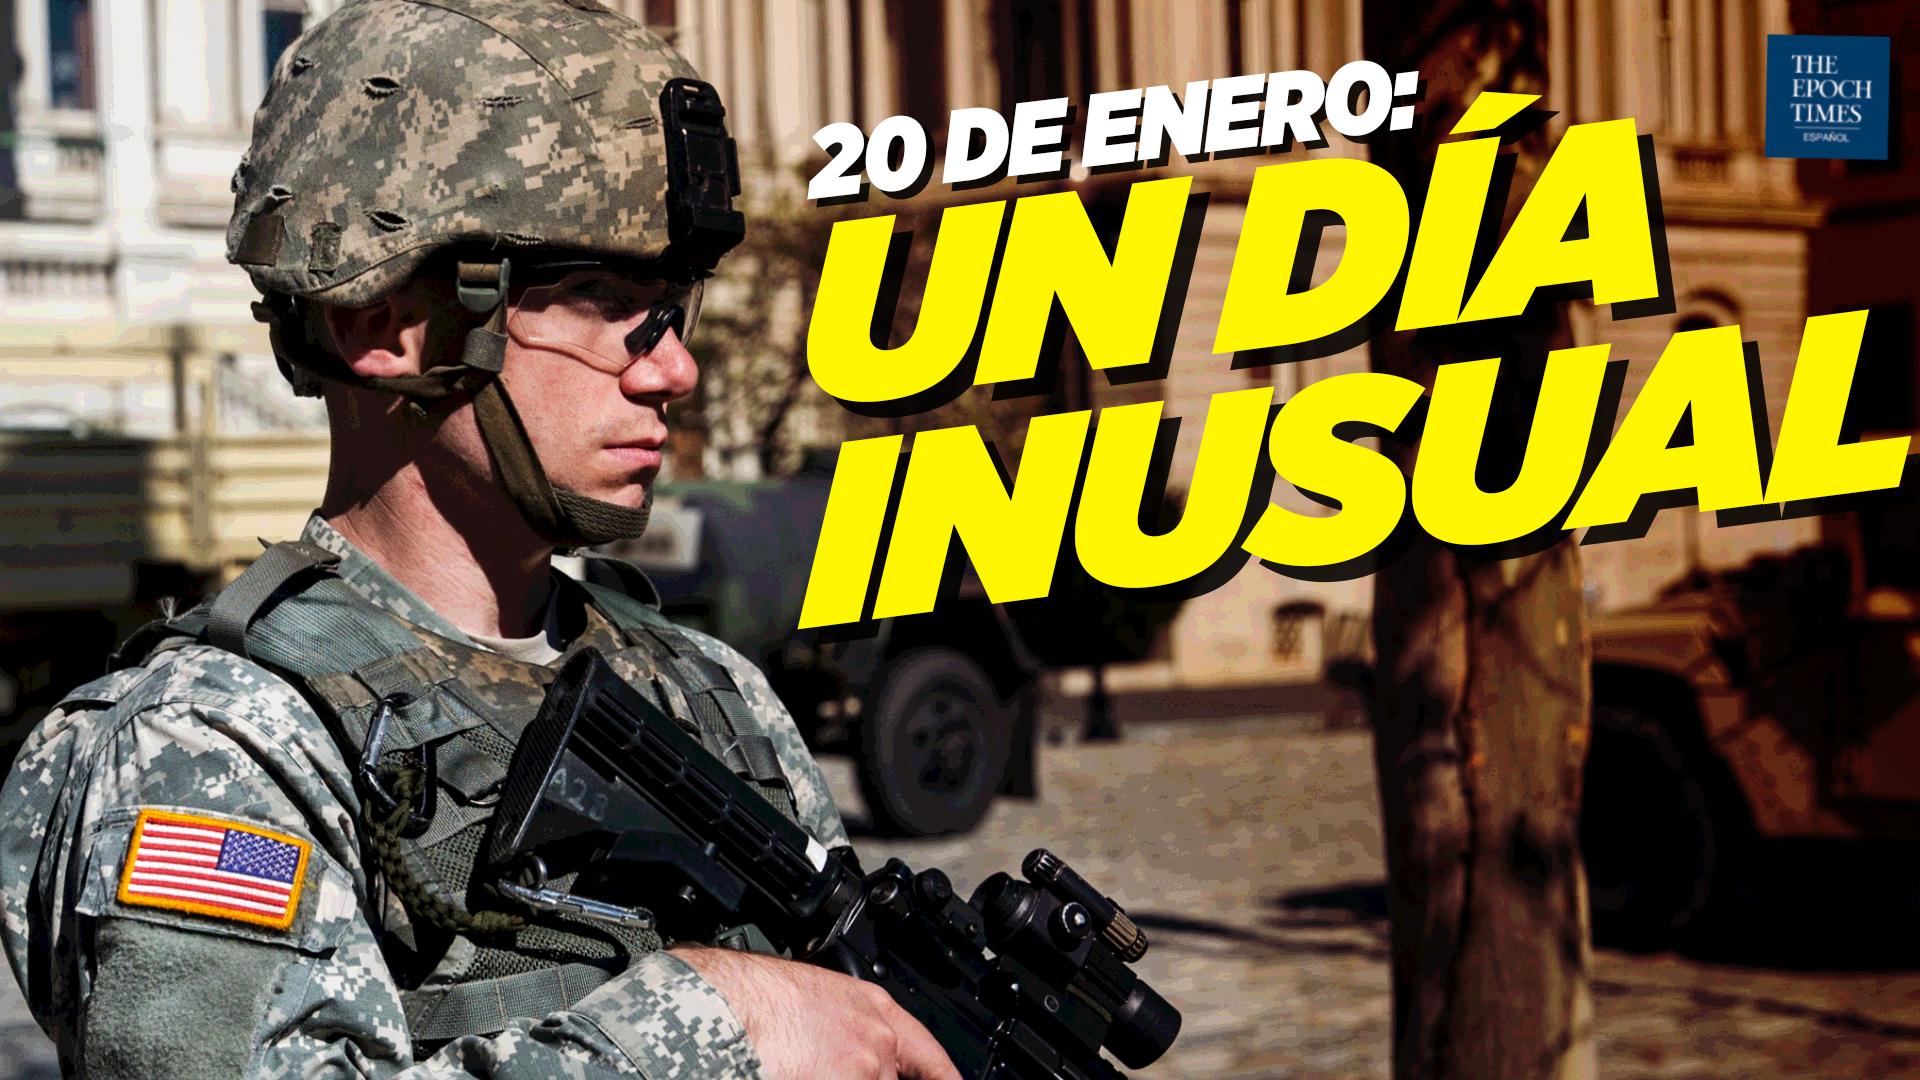 Al Descubierto: EE. UU. se prepara para un 20 de enero inusual; Parler vuelve a estar en línea